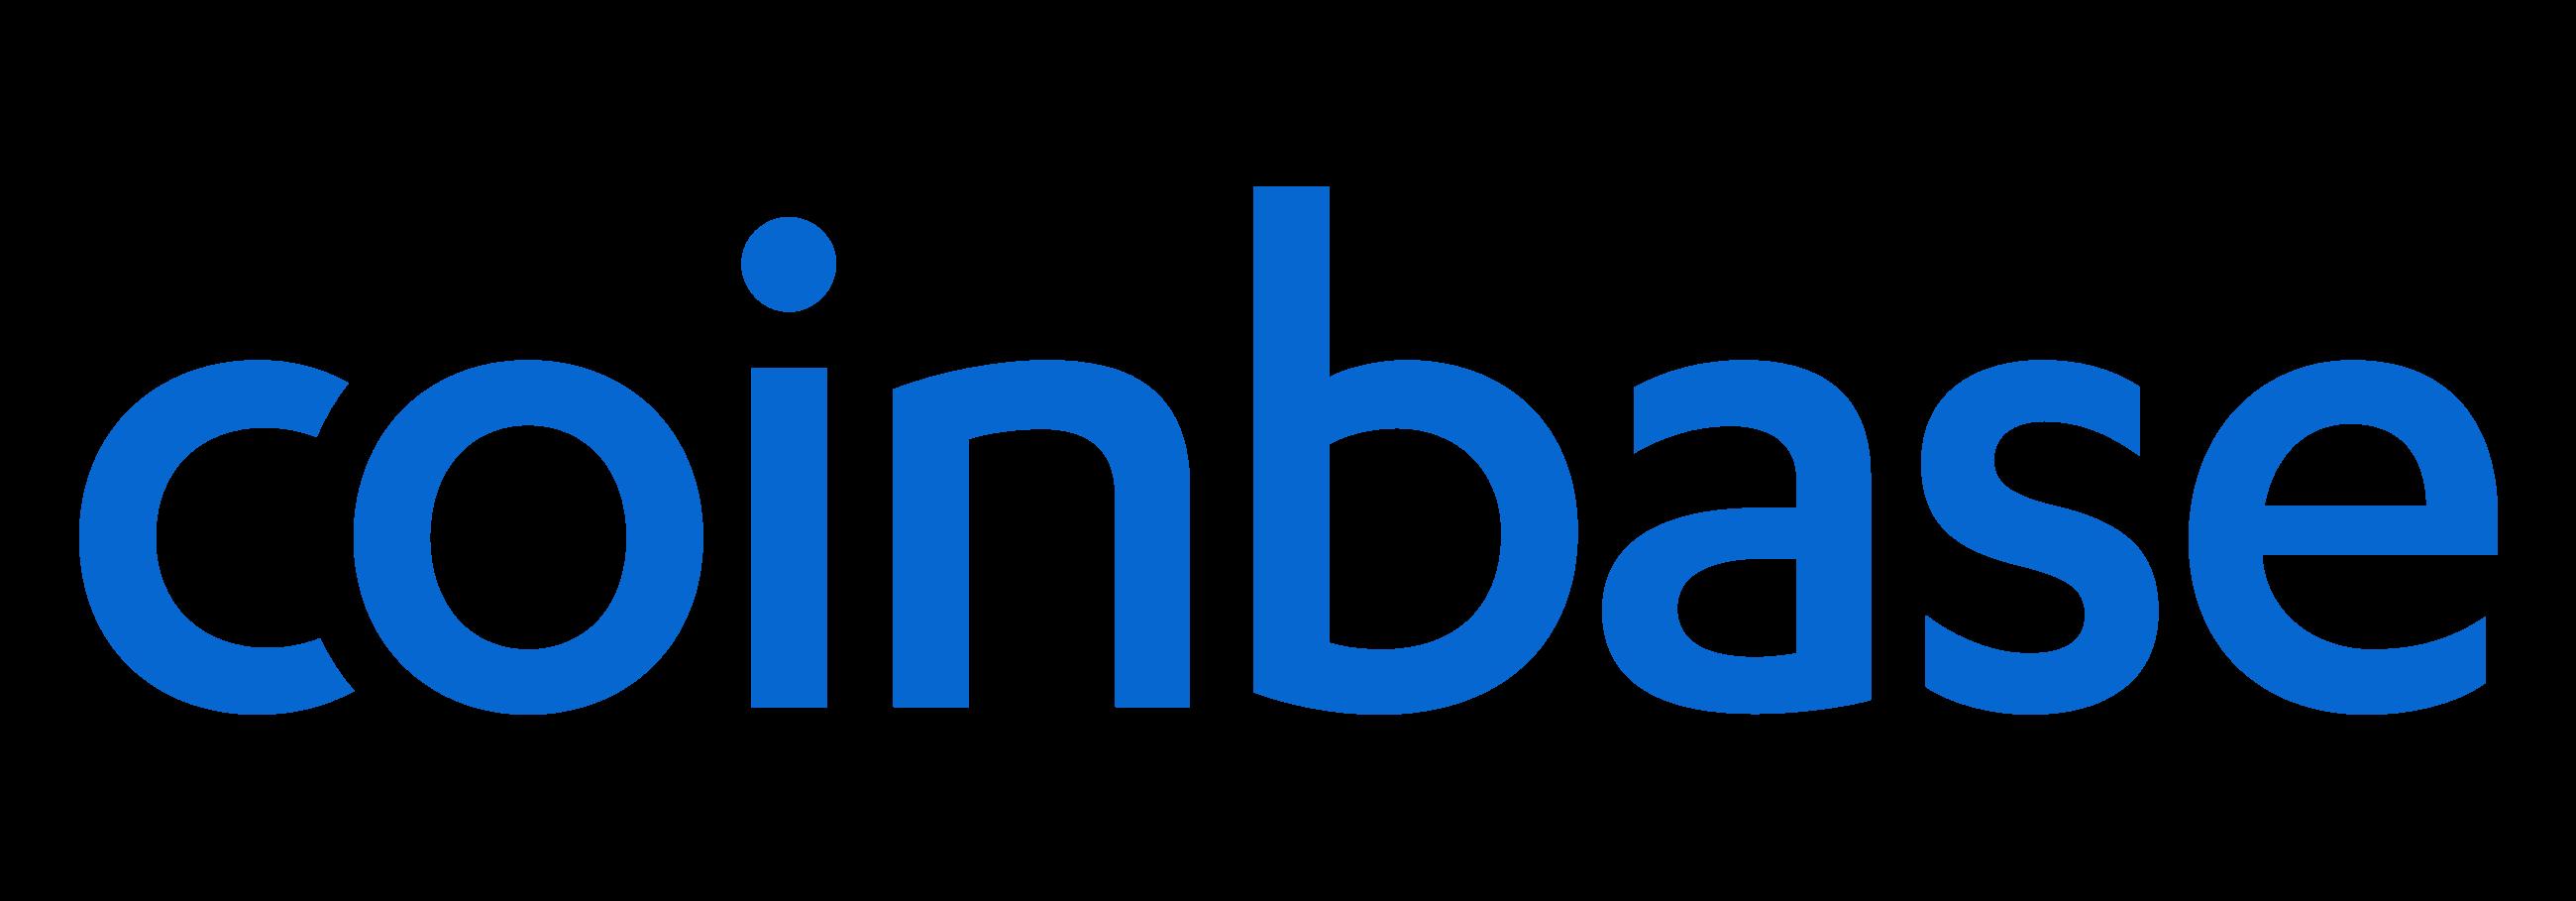 coinbase logo in blue